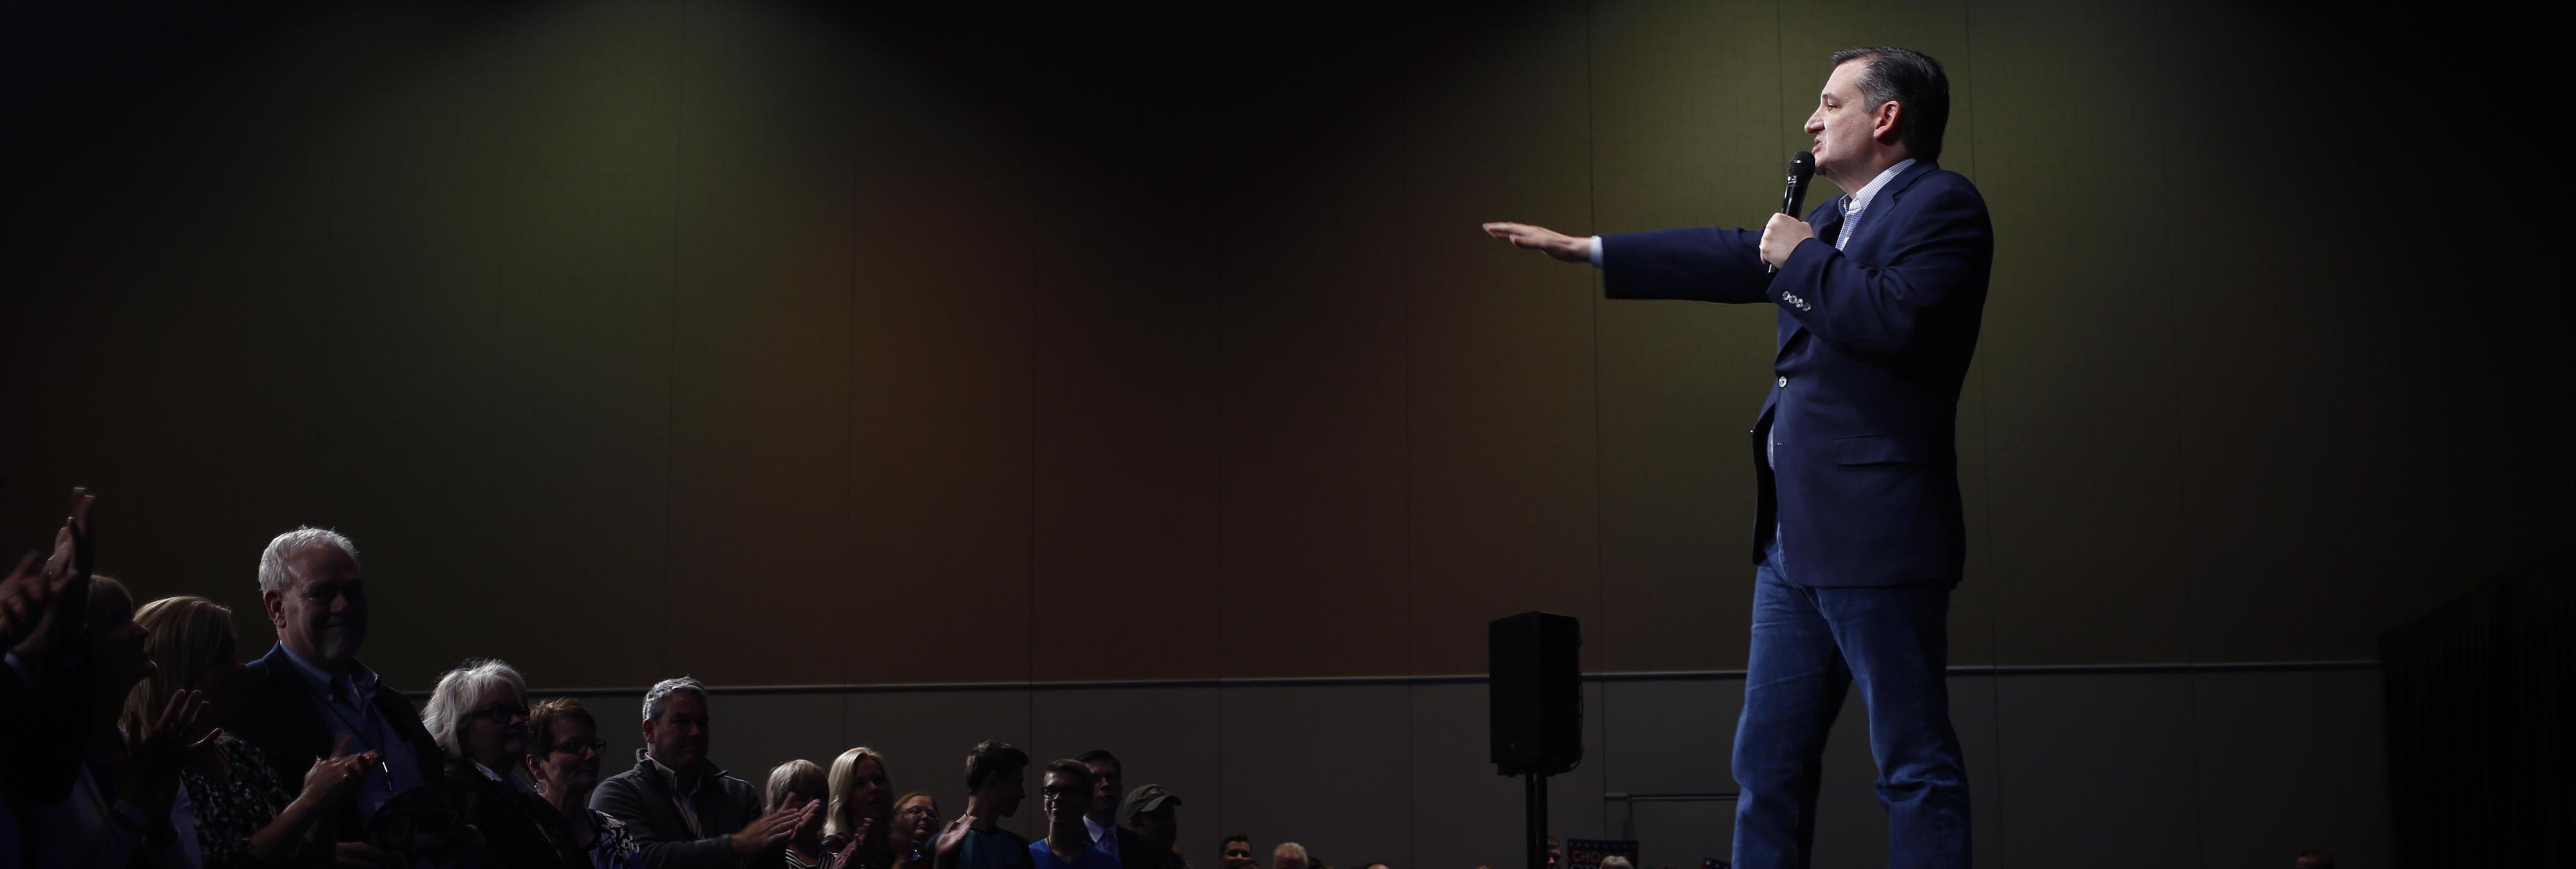 Se retira Ted Cruz, el único republicano que hacía sombra a Trump (también en medidas radicales)